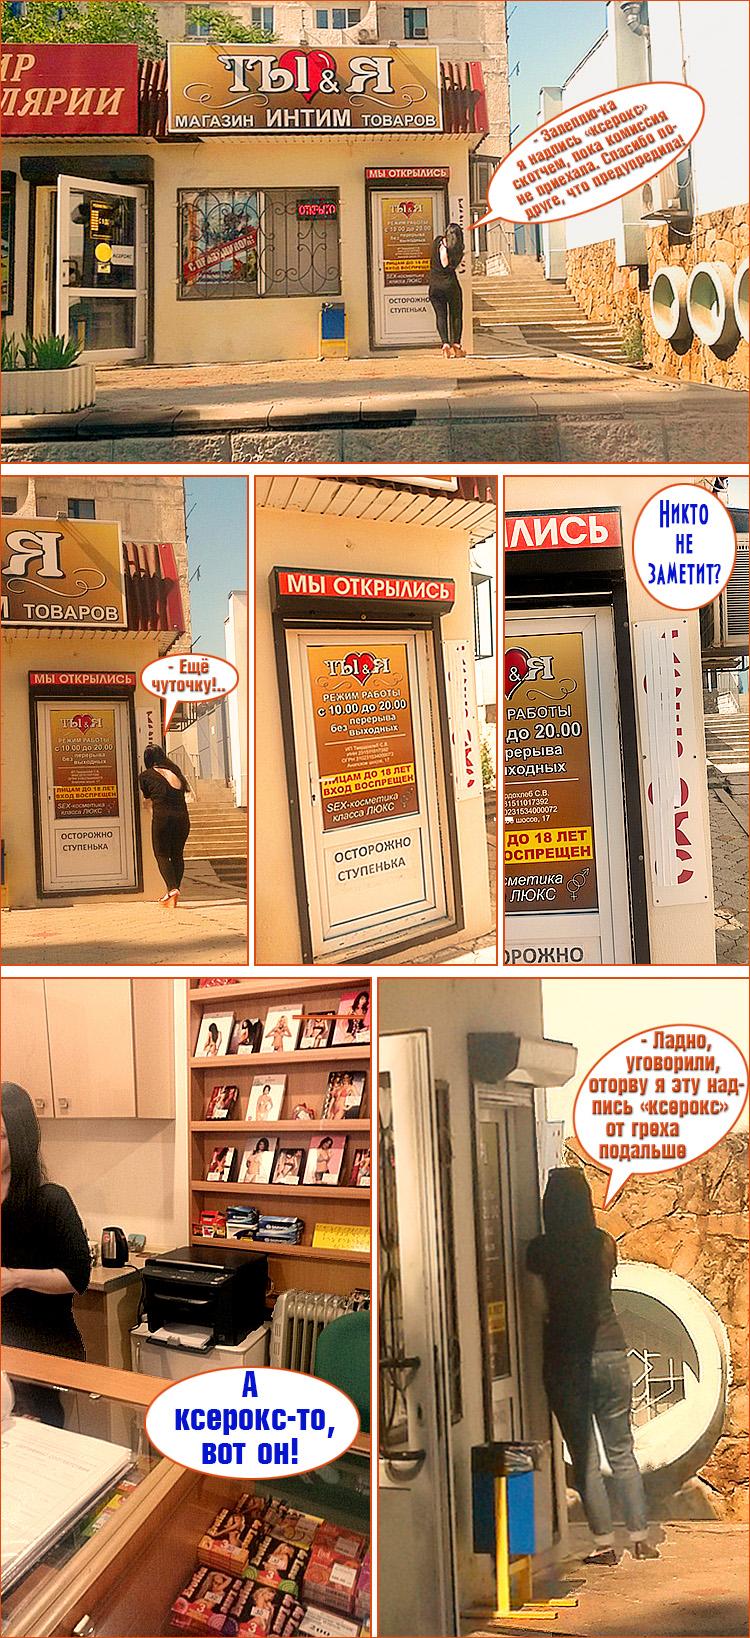 Работа в интим магазине 2 фотография